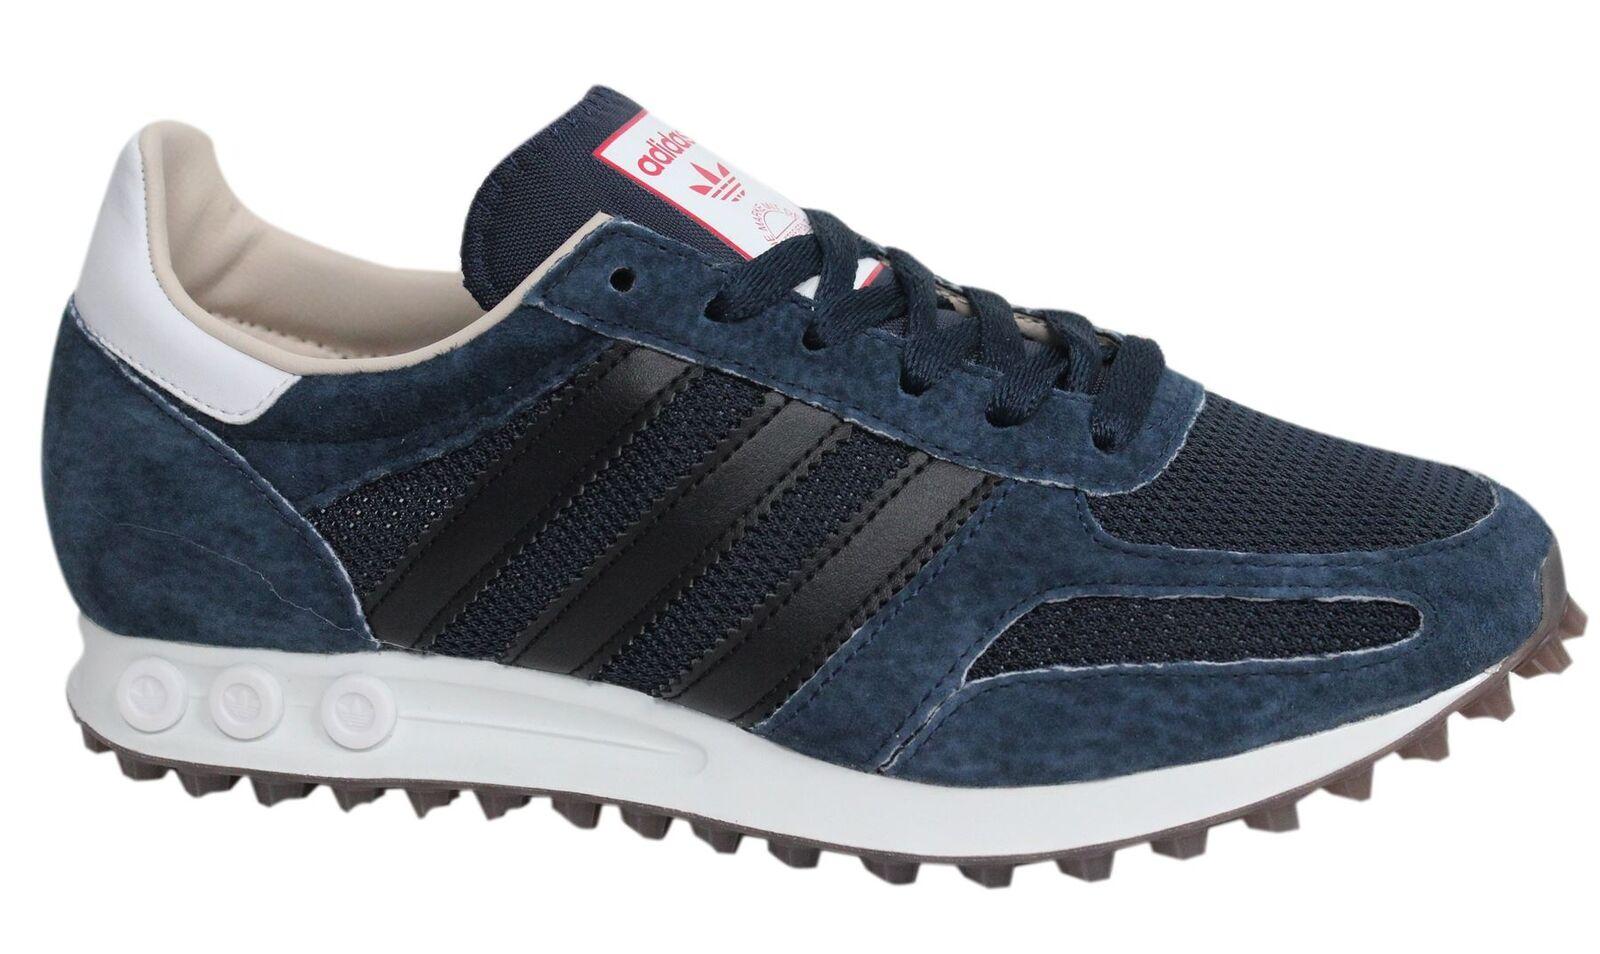 Adidas Originals LA Lace Up Navy Blue Leather Mens Trainers BB1210 D77